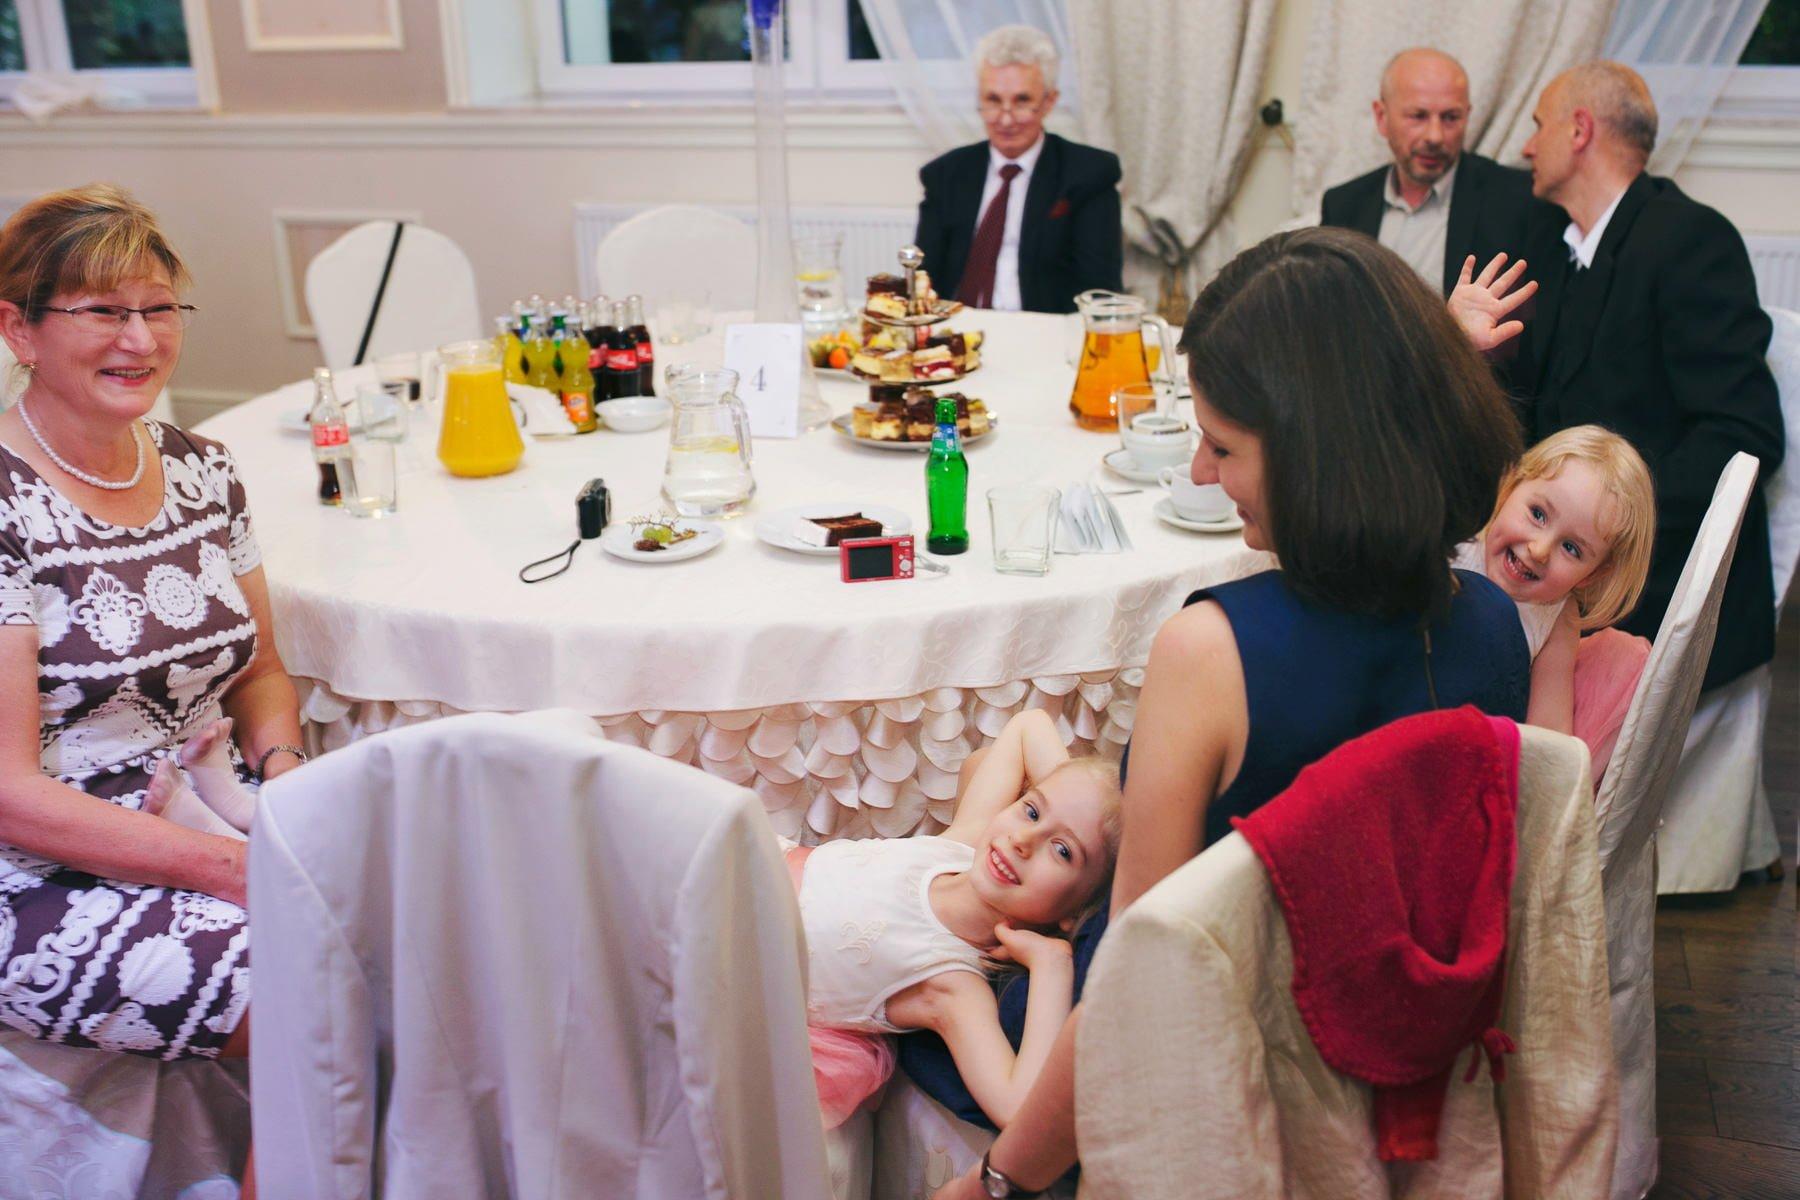 fotograf slub bielsko biala ania maciej 127 - Ślub w Bielsku-Białej - ANIA & MACIEJ